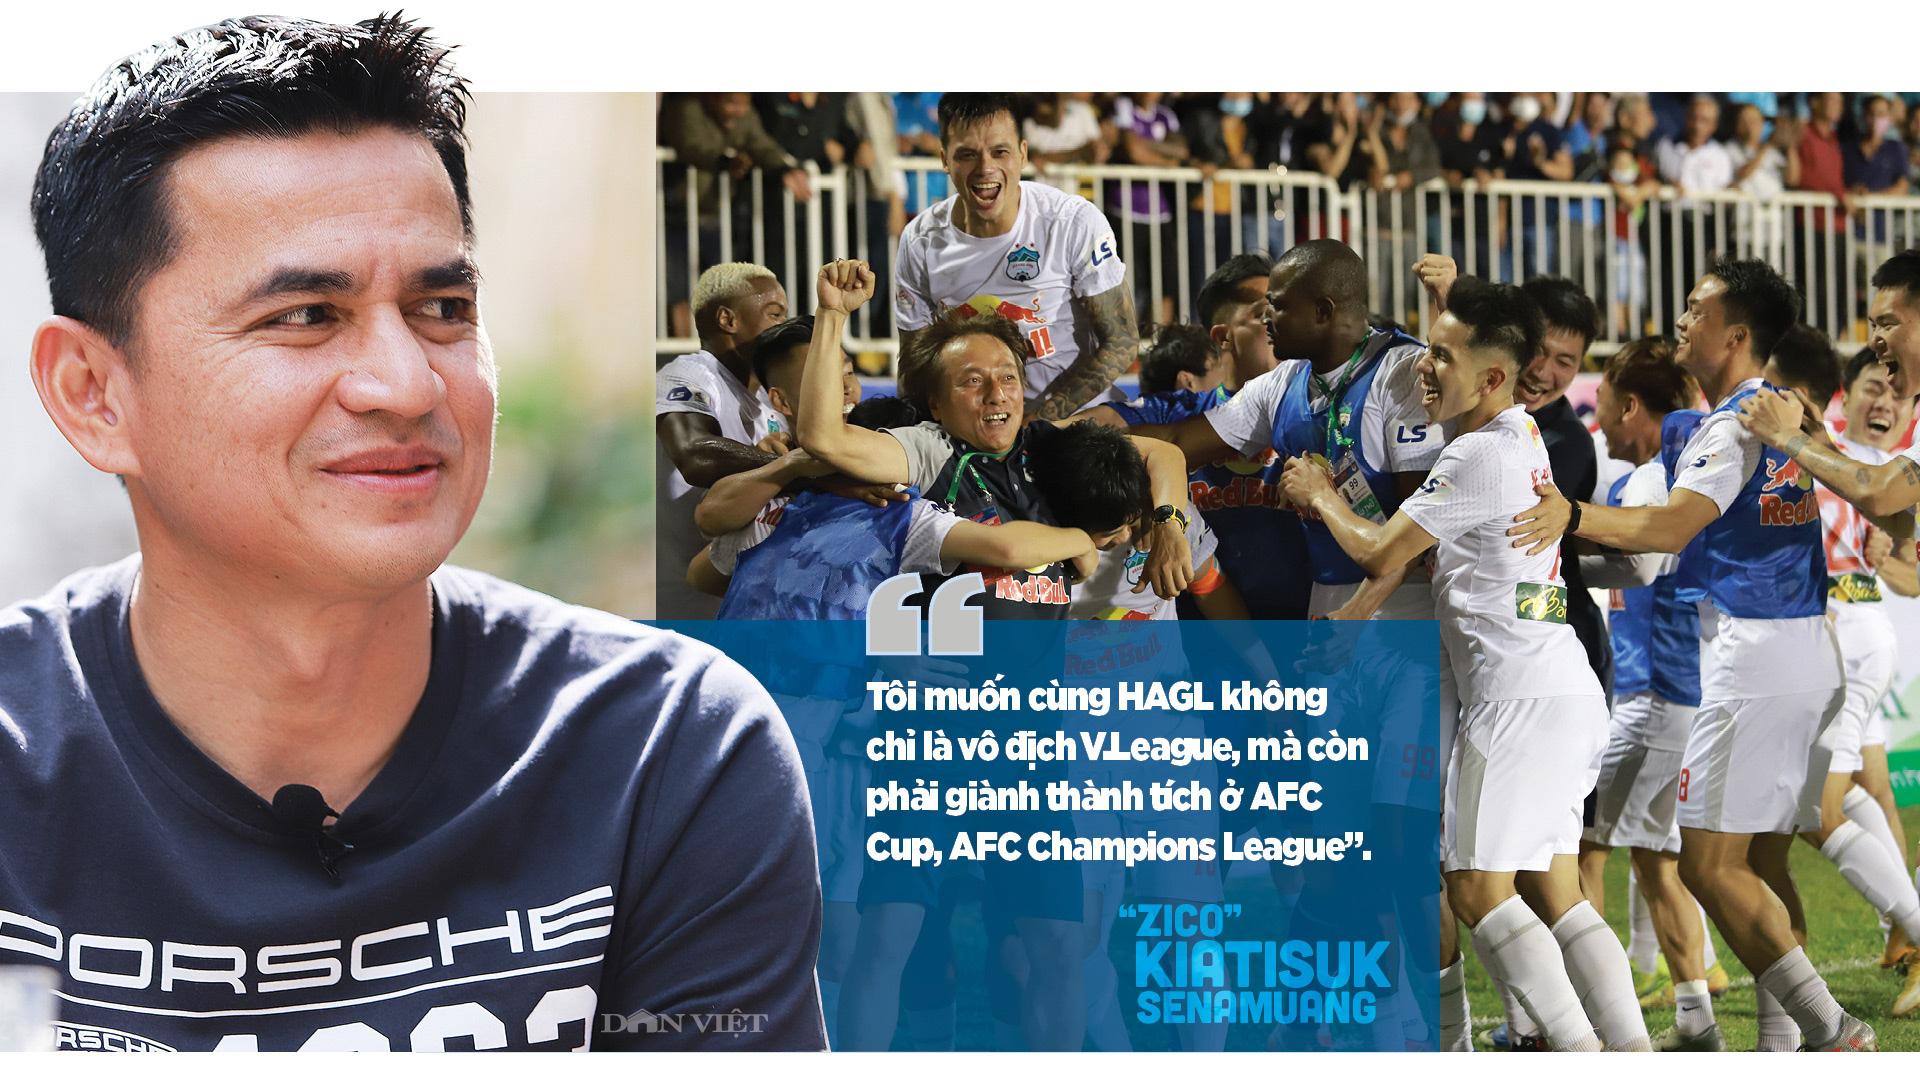 """""""Zico"""" Kiatisuk Senamuang: """"Tôi muốn cả thế giới biết đến HAGL"""" - Ảnh 11."""